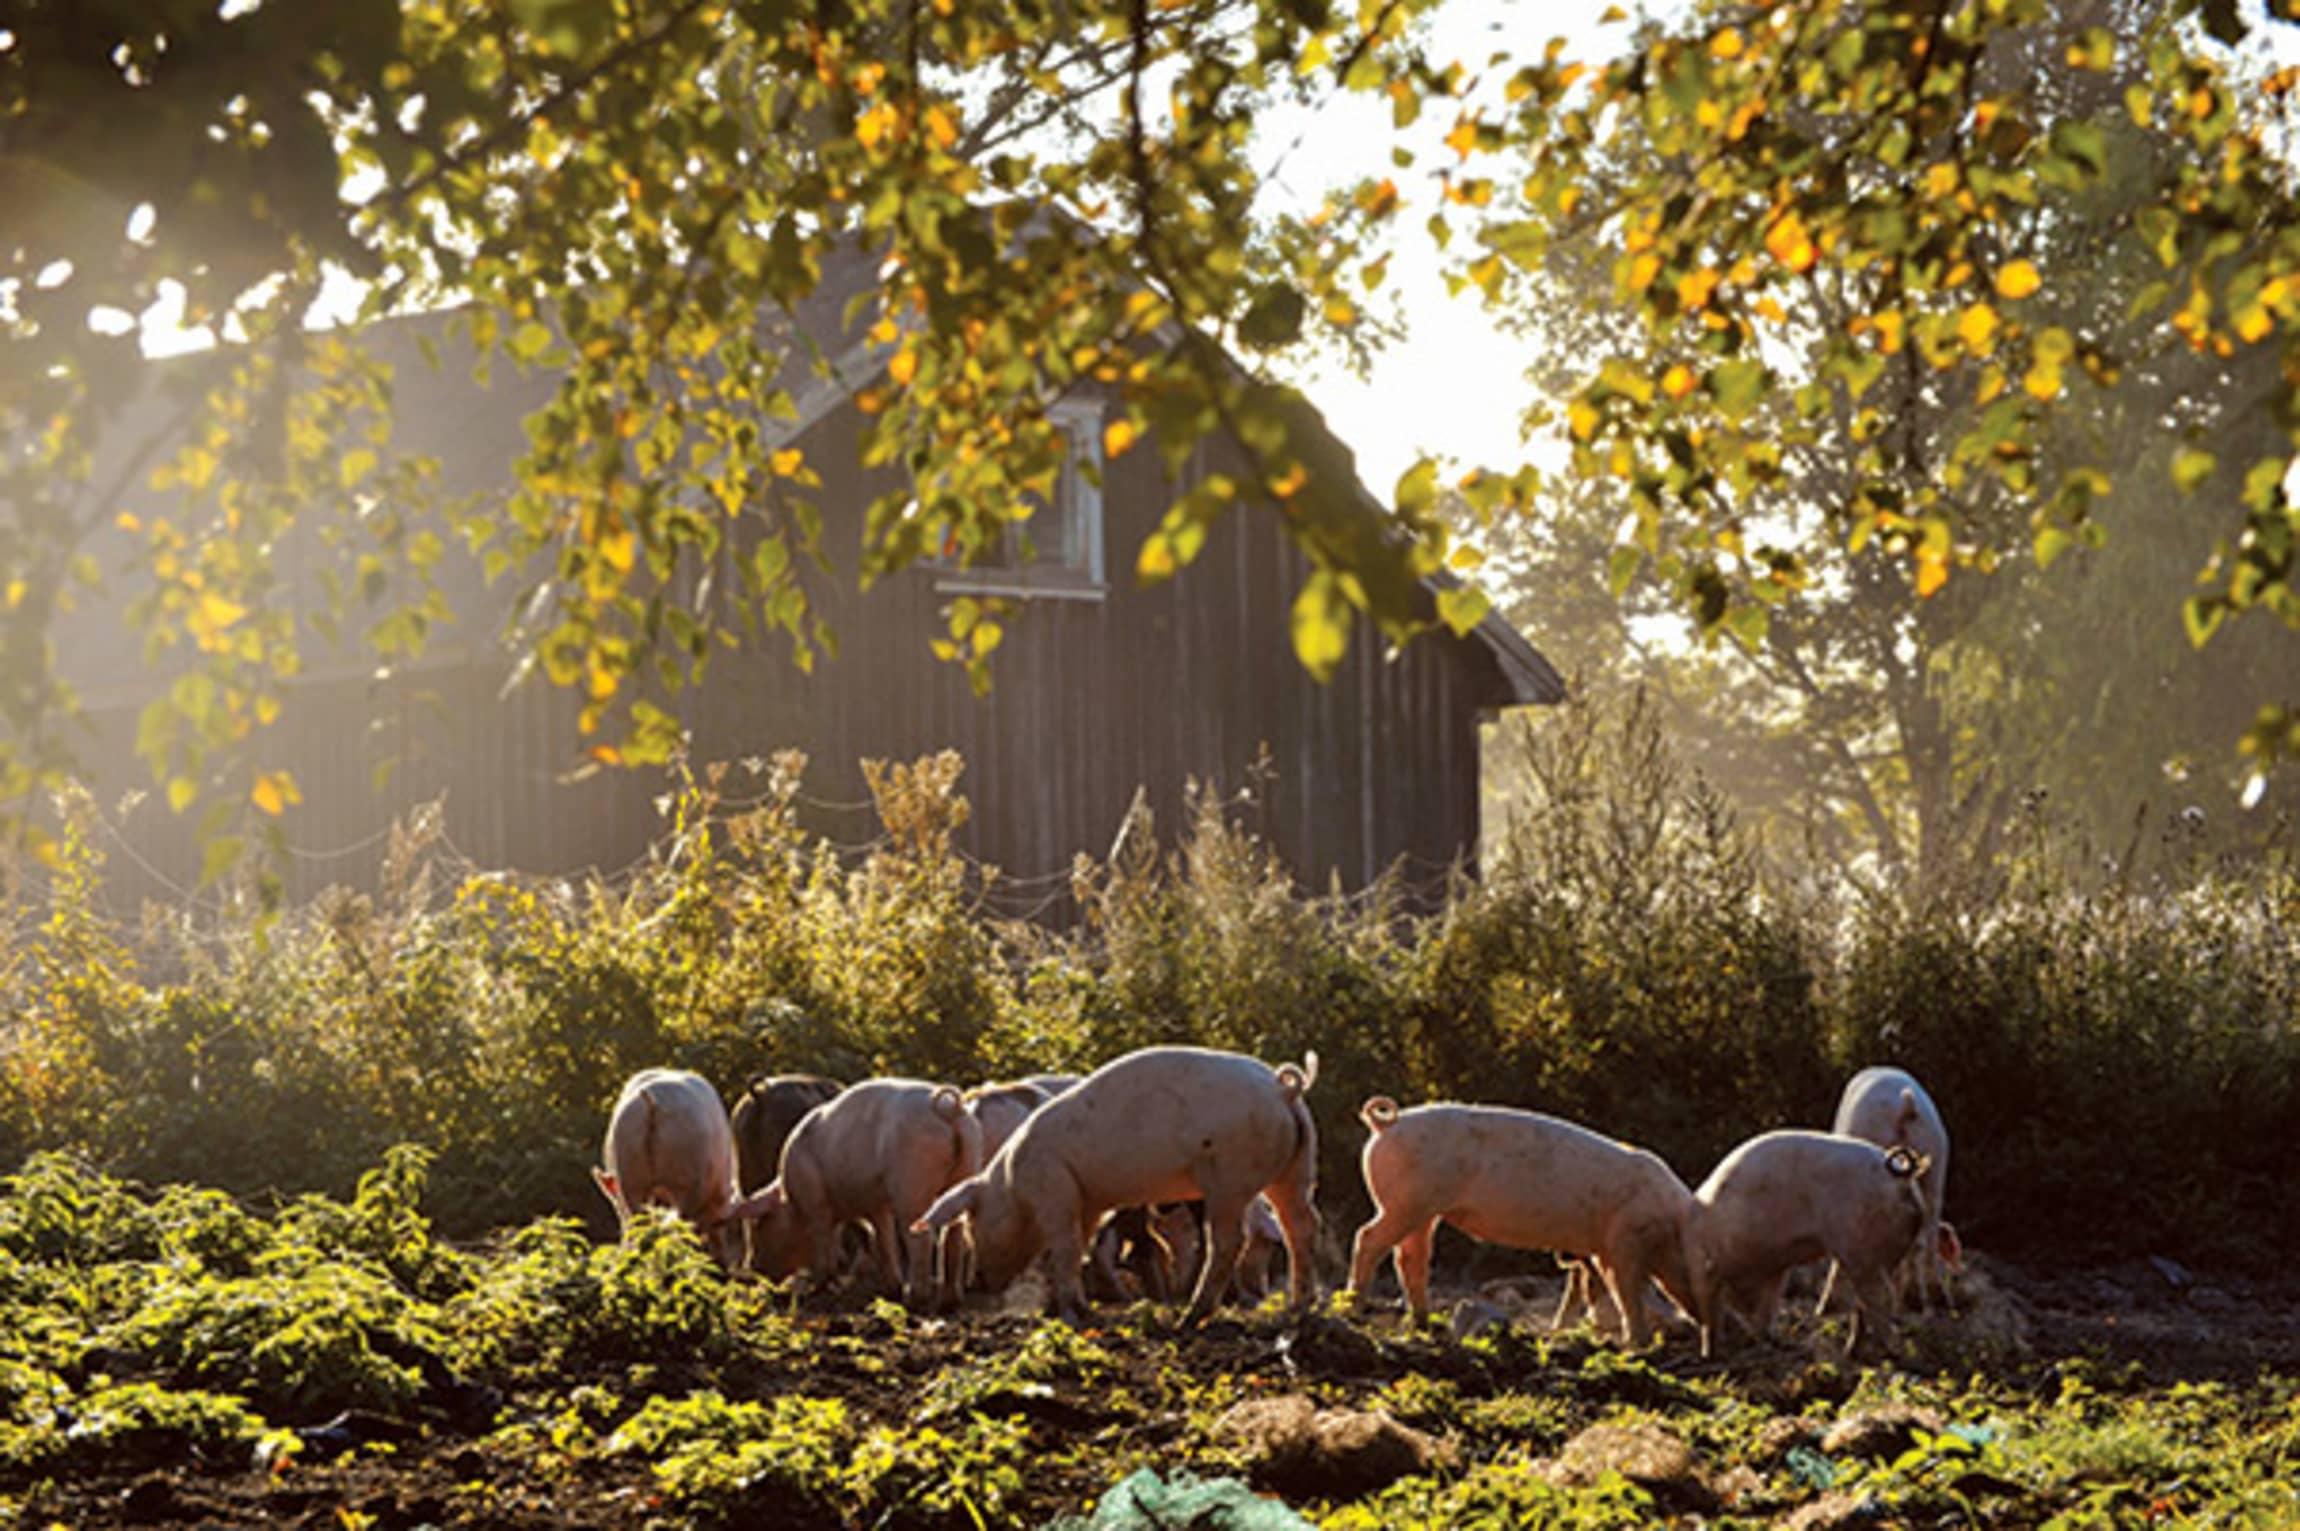 På Grøstad kan grisene gå ute hele året, og få utløp for naturlige instinkter som å grave i jorda